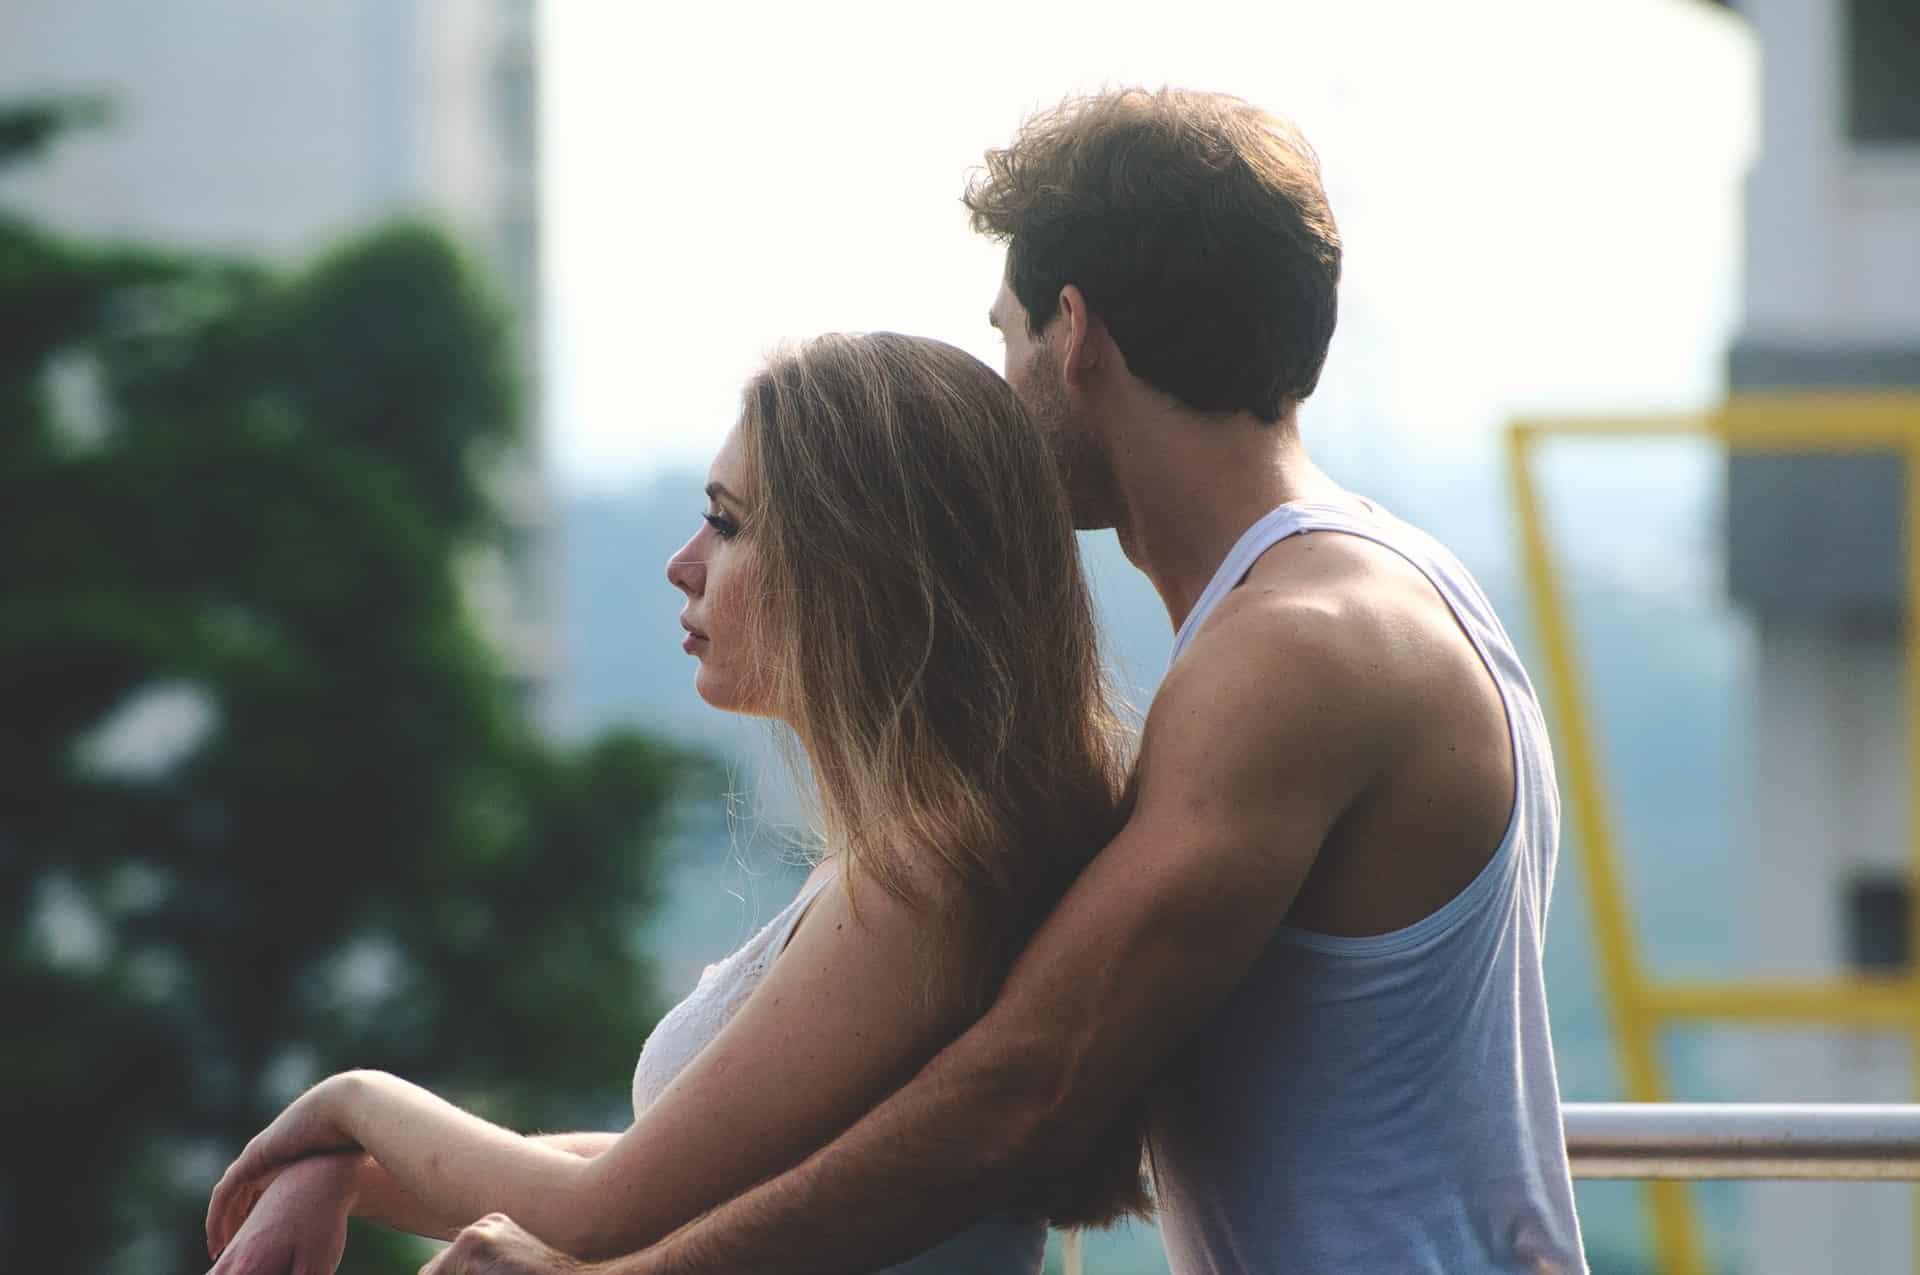 Ein Mann in einem Unterhemd umarmt eine Frau hinter seinem Rücken auf der Terrasse